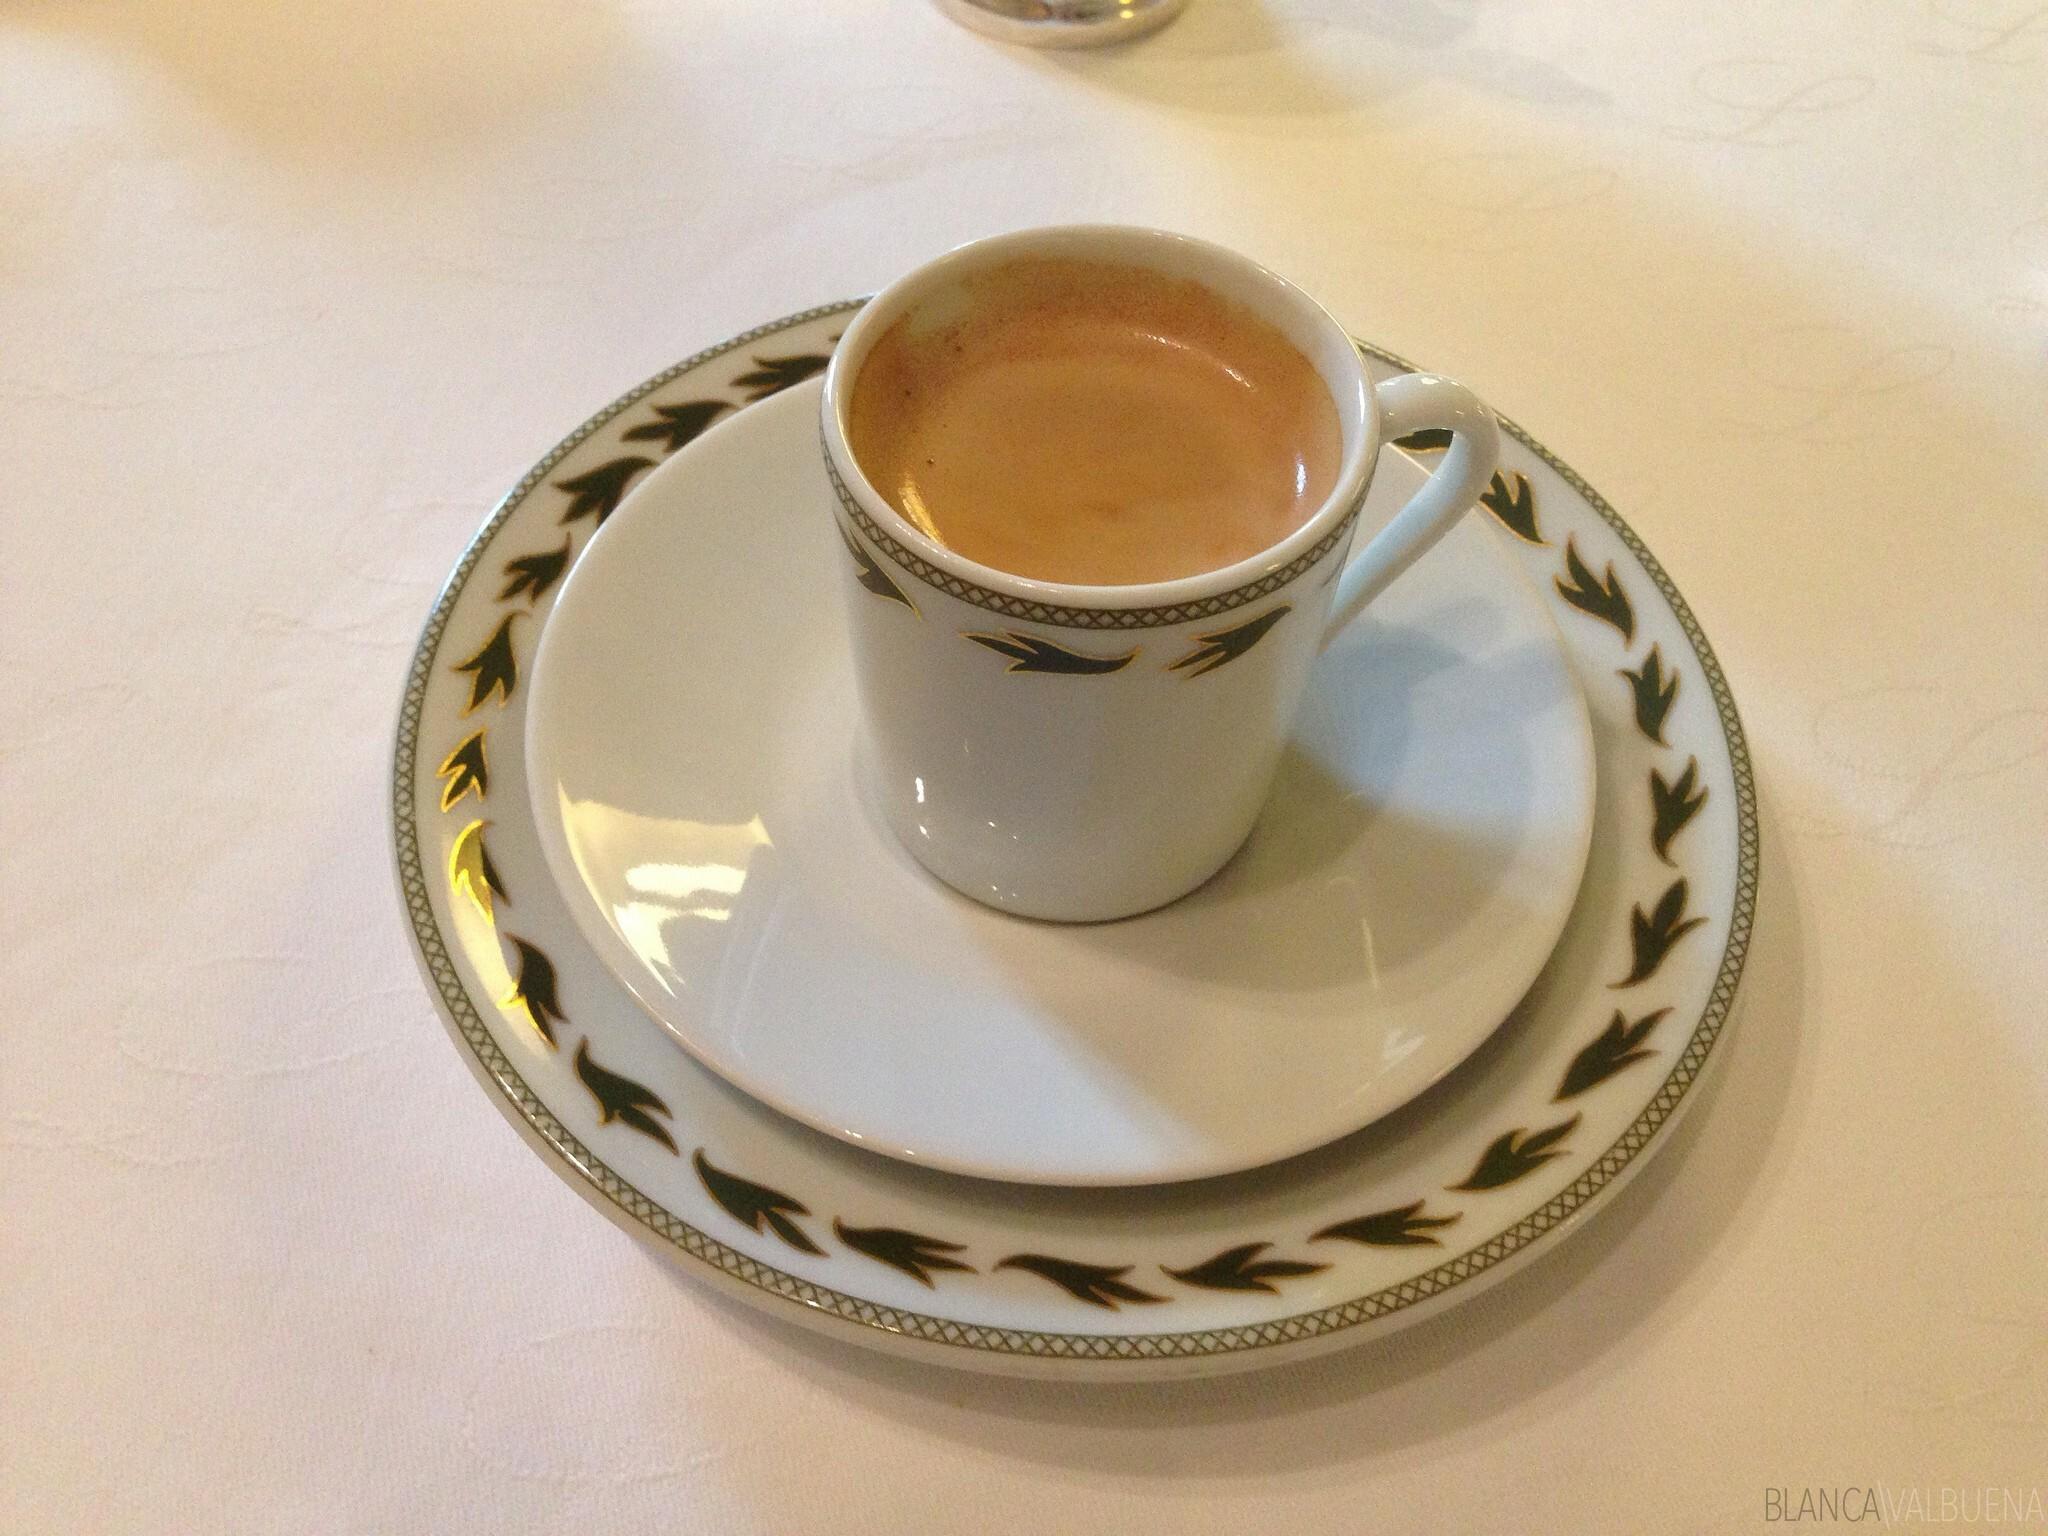 Maison Lameloise coffee